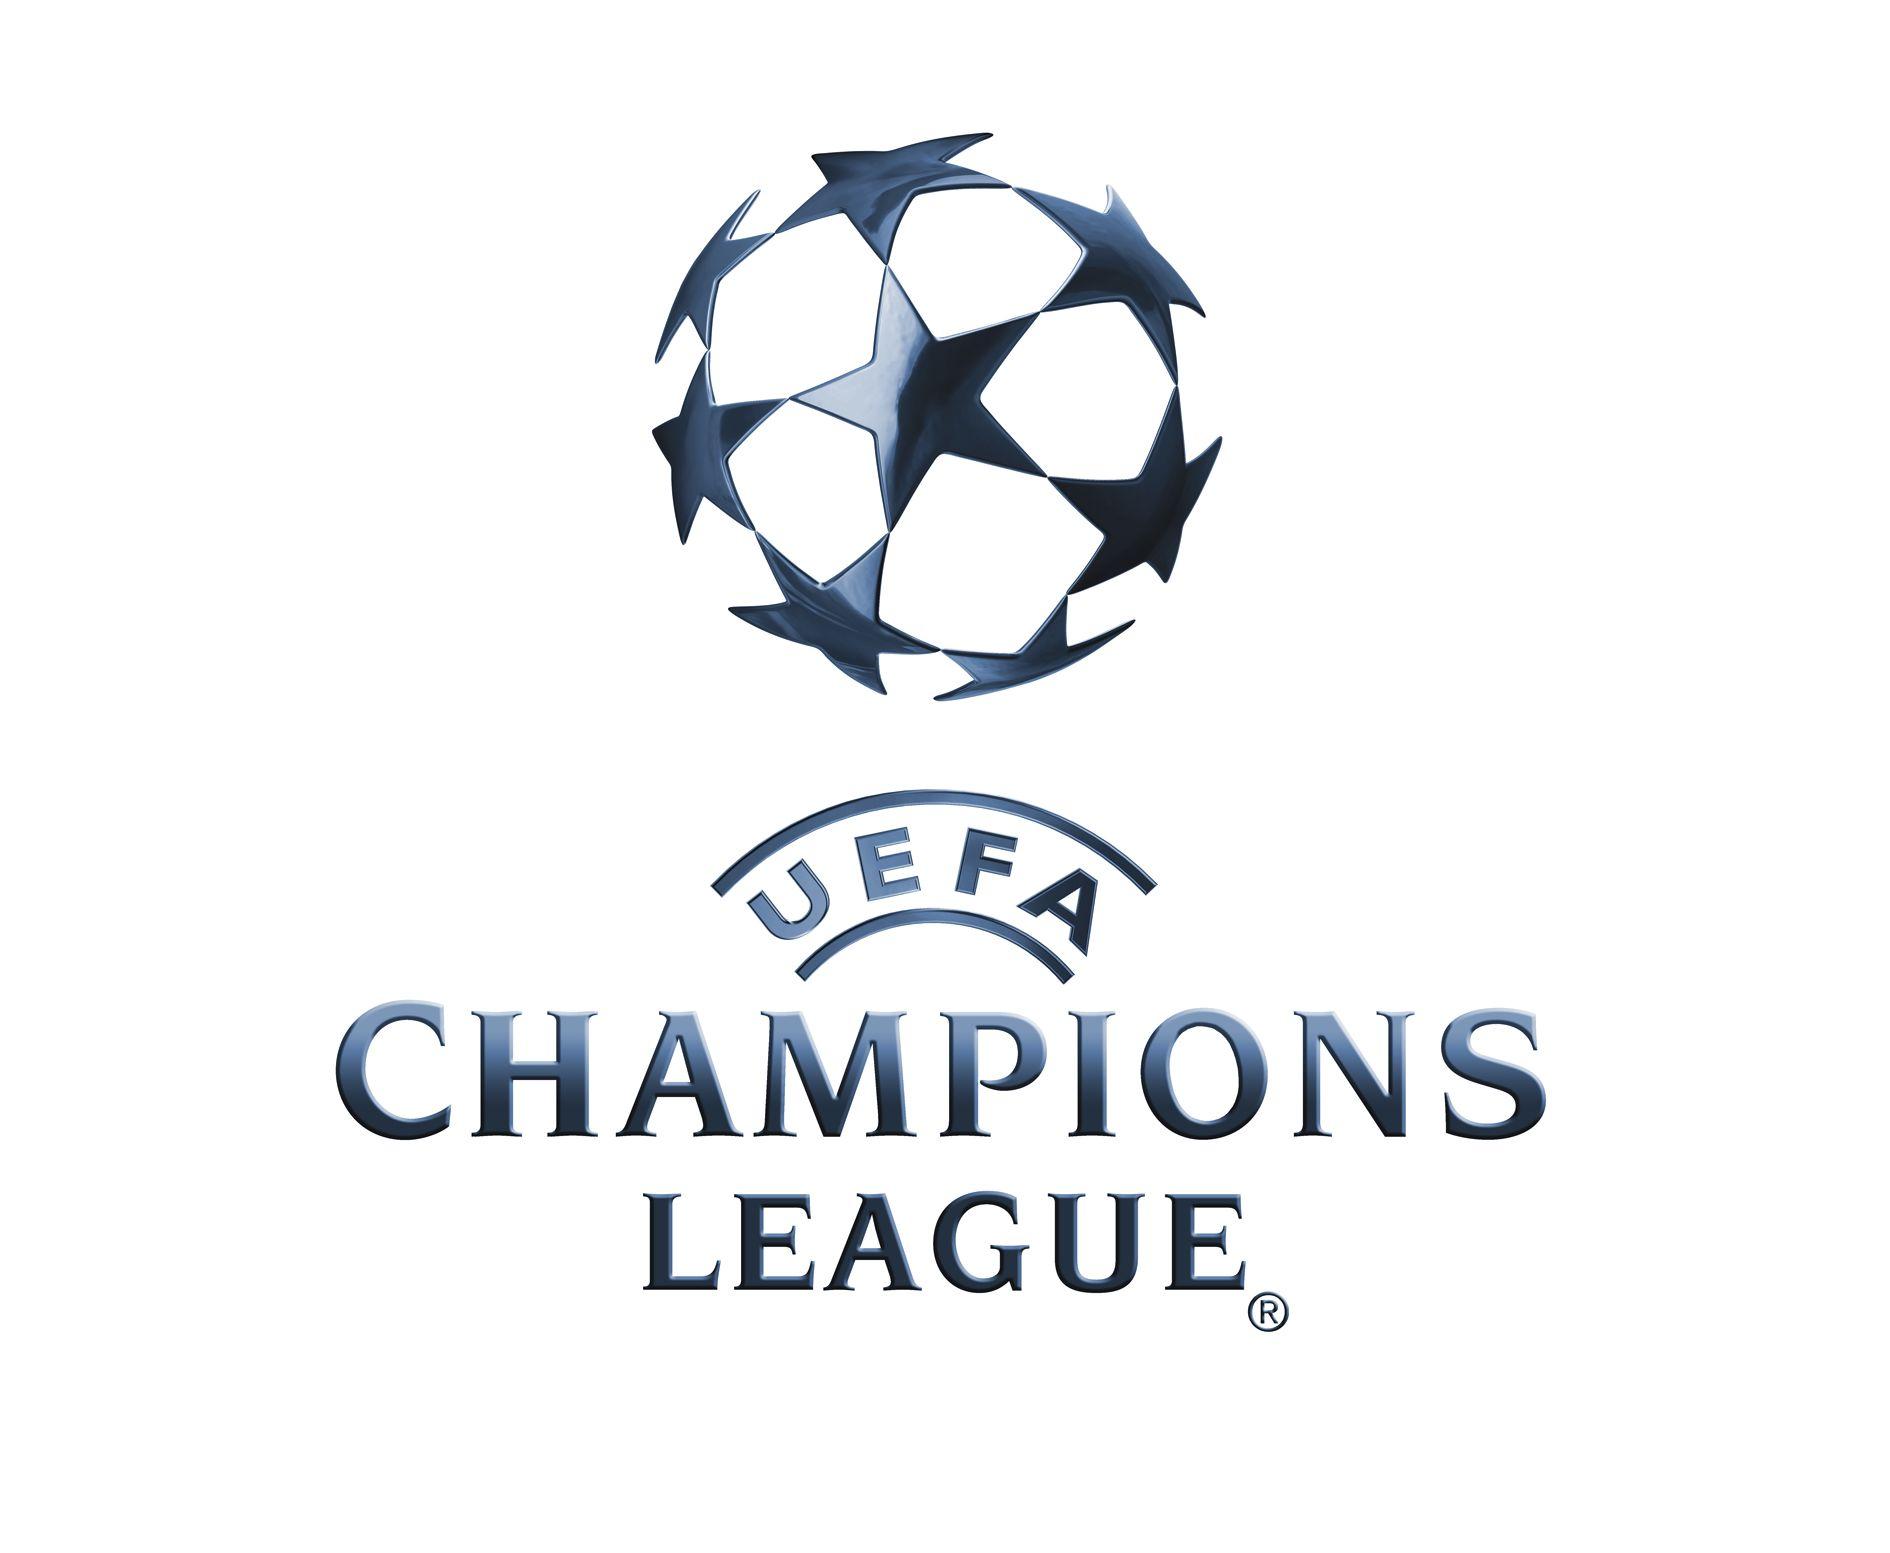 Voorbeschouwing Champions League speelronde 6, de woensdag